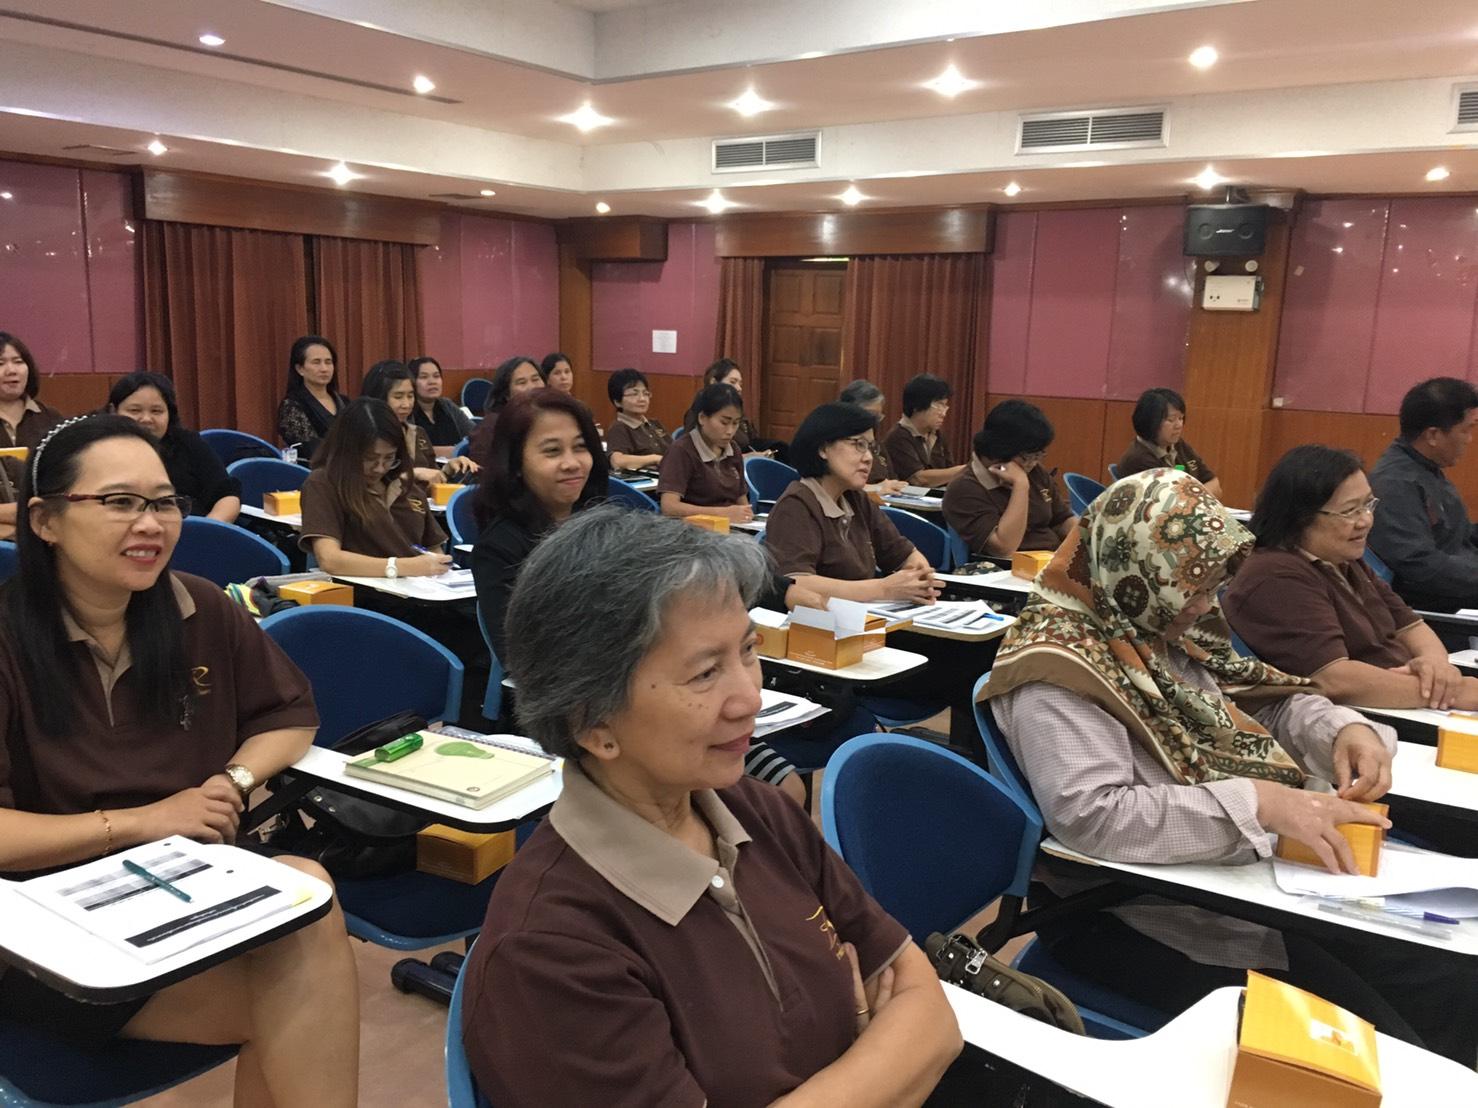 การอบรมสัมมนาเสริมสร้างความรู้ความเข้าใจเกณฑ์การประกันคุณภาพการศึกษา ระดับหลักสูตรและสถาบัน